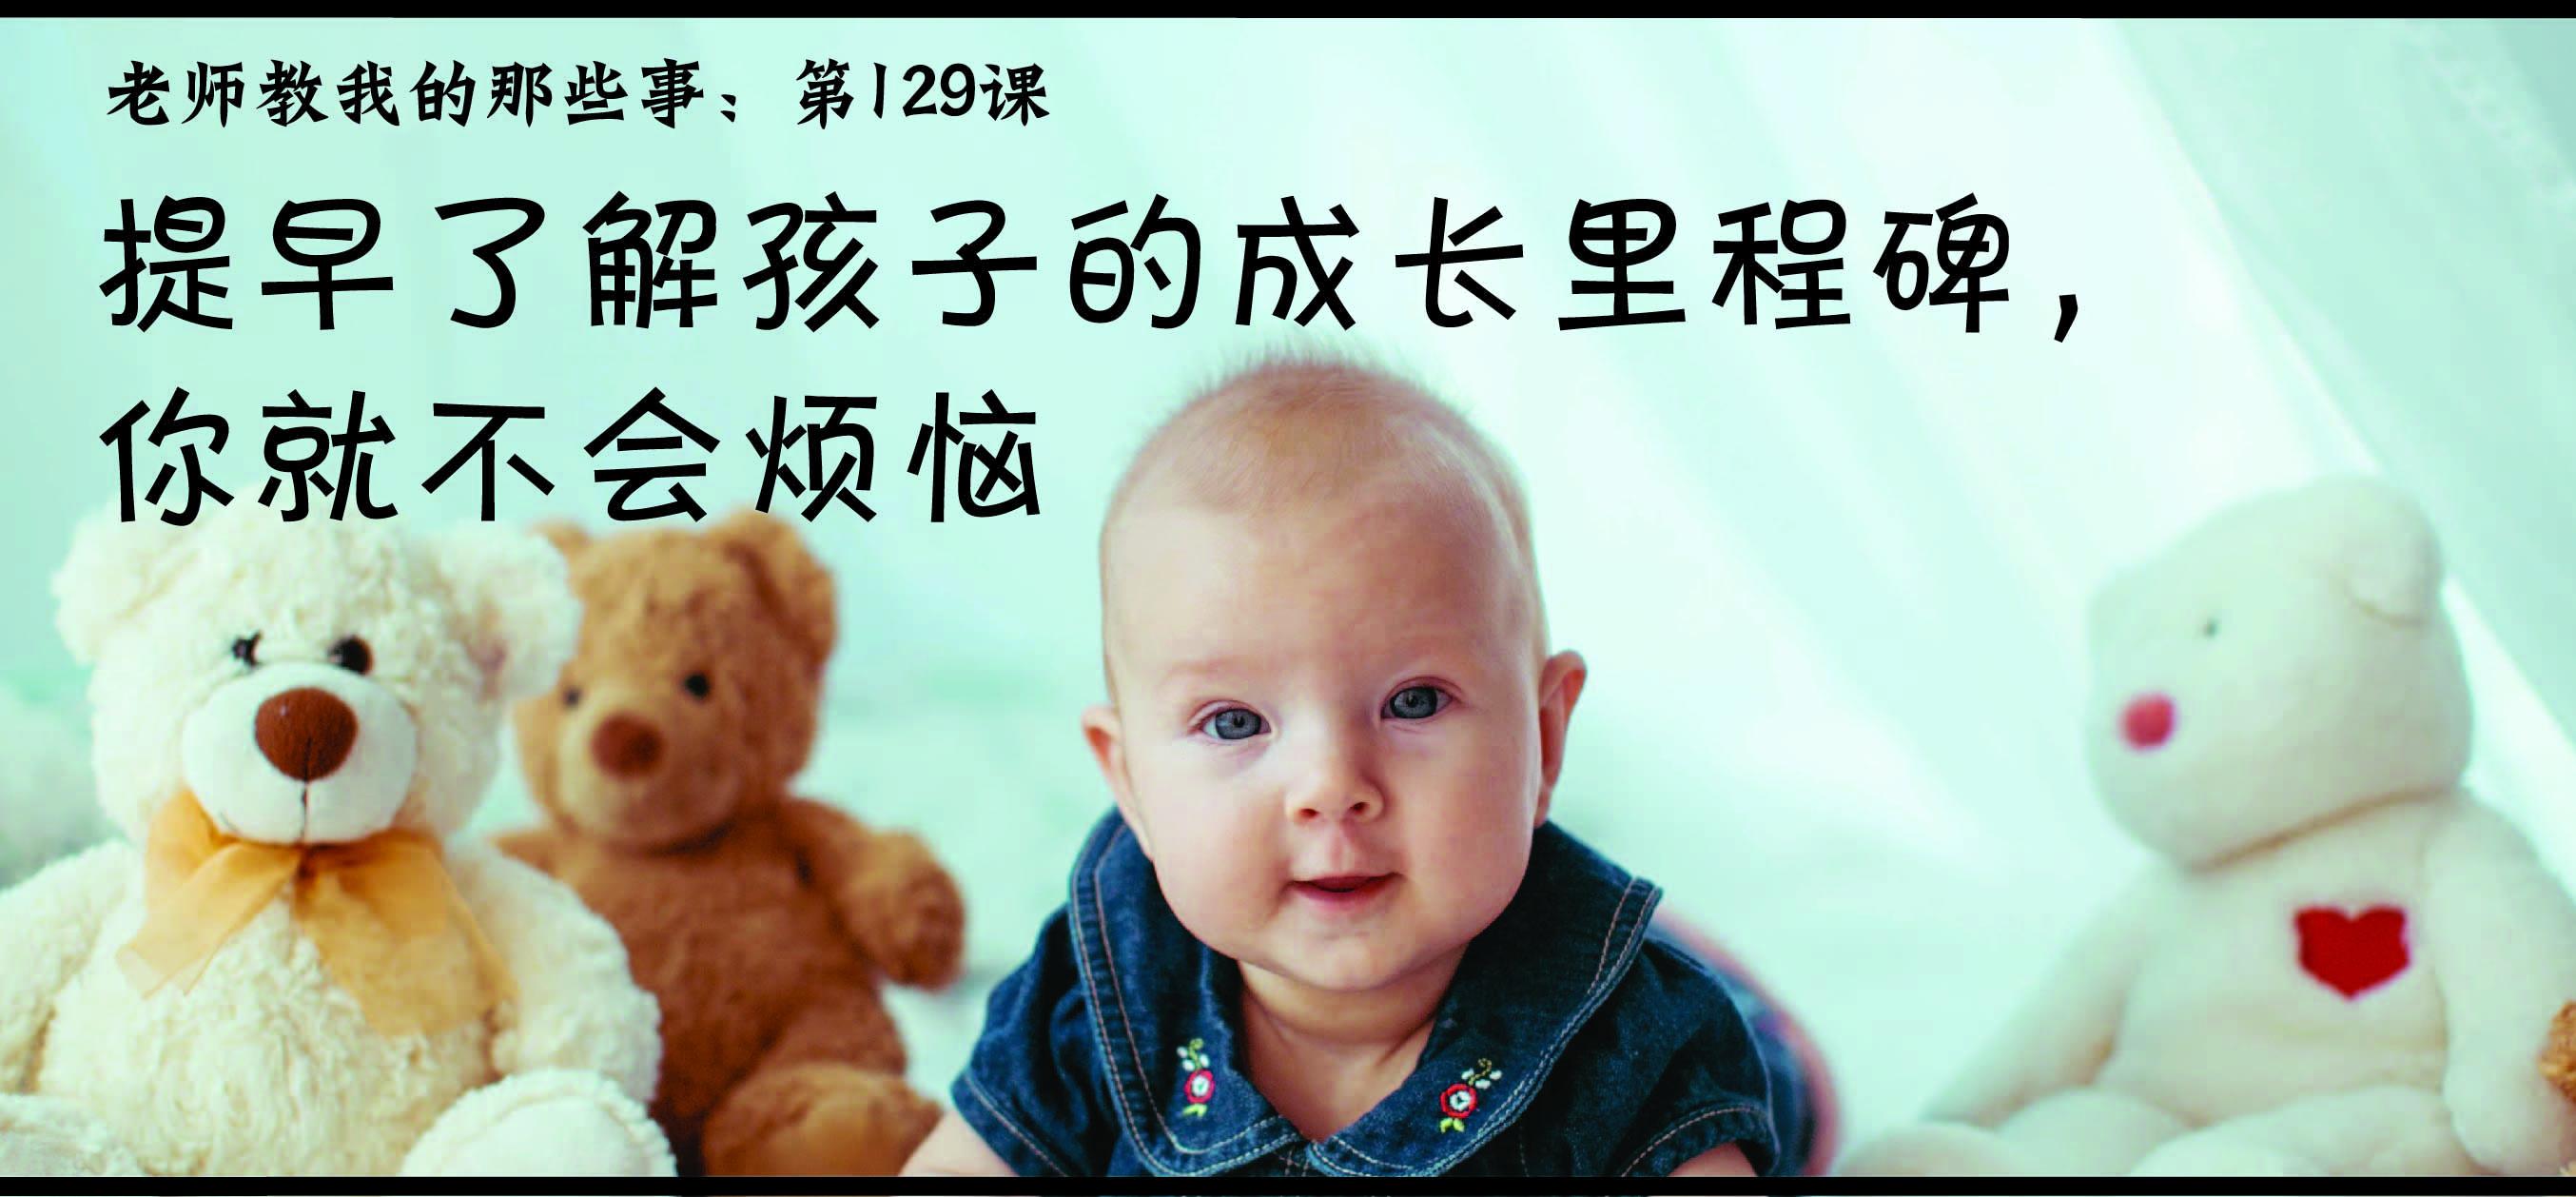 第129课: 提早了解孩子的成长里程碑,你就不会太烦恼